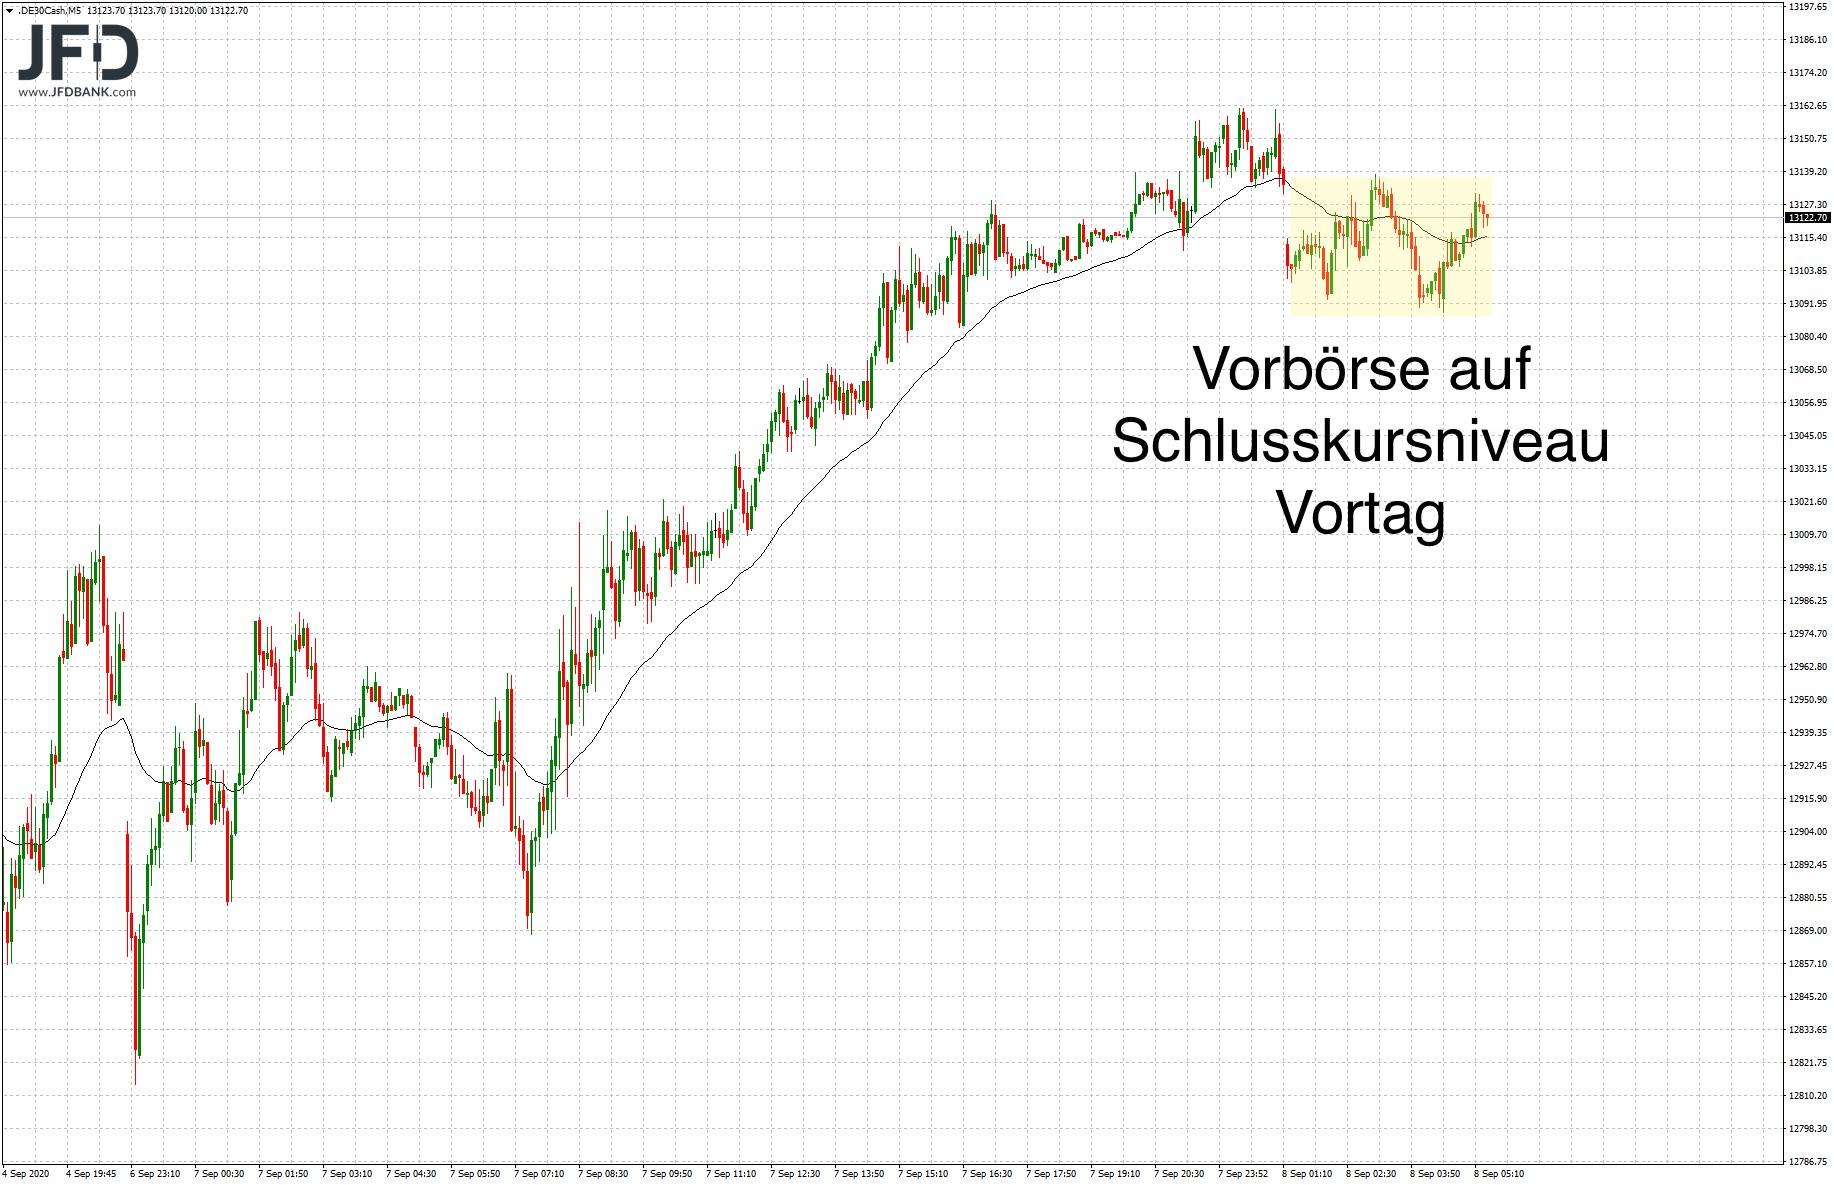 DAX-ohne-Wall-Street-entfesselt-Kommentar-JFD-Bank-GodmodeTrader.de-6